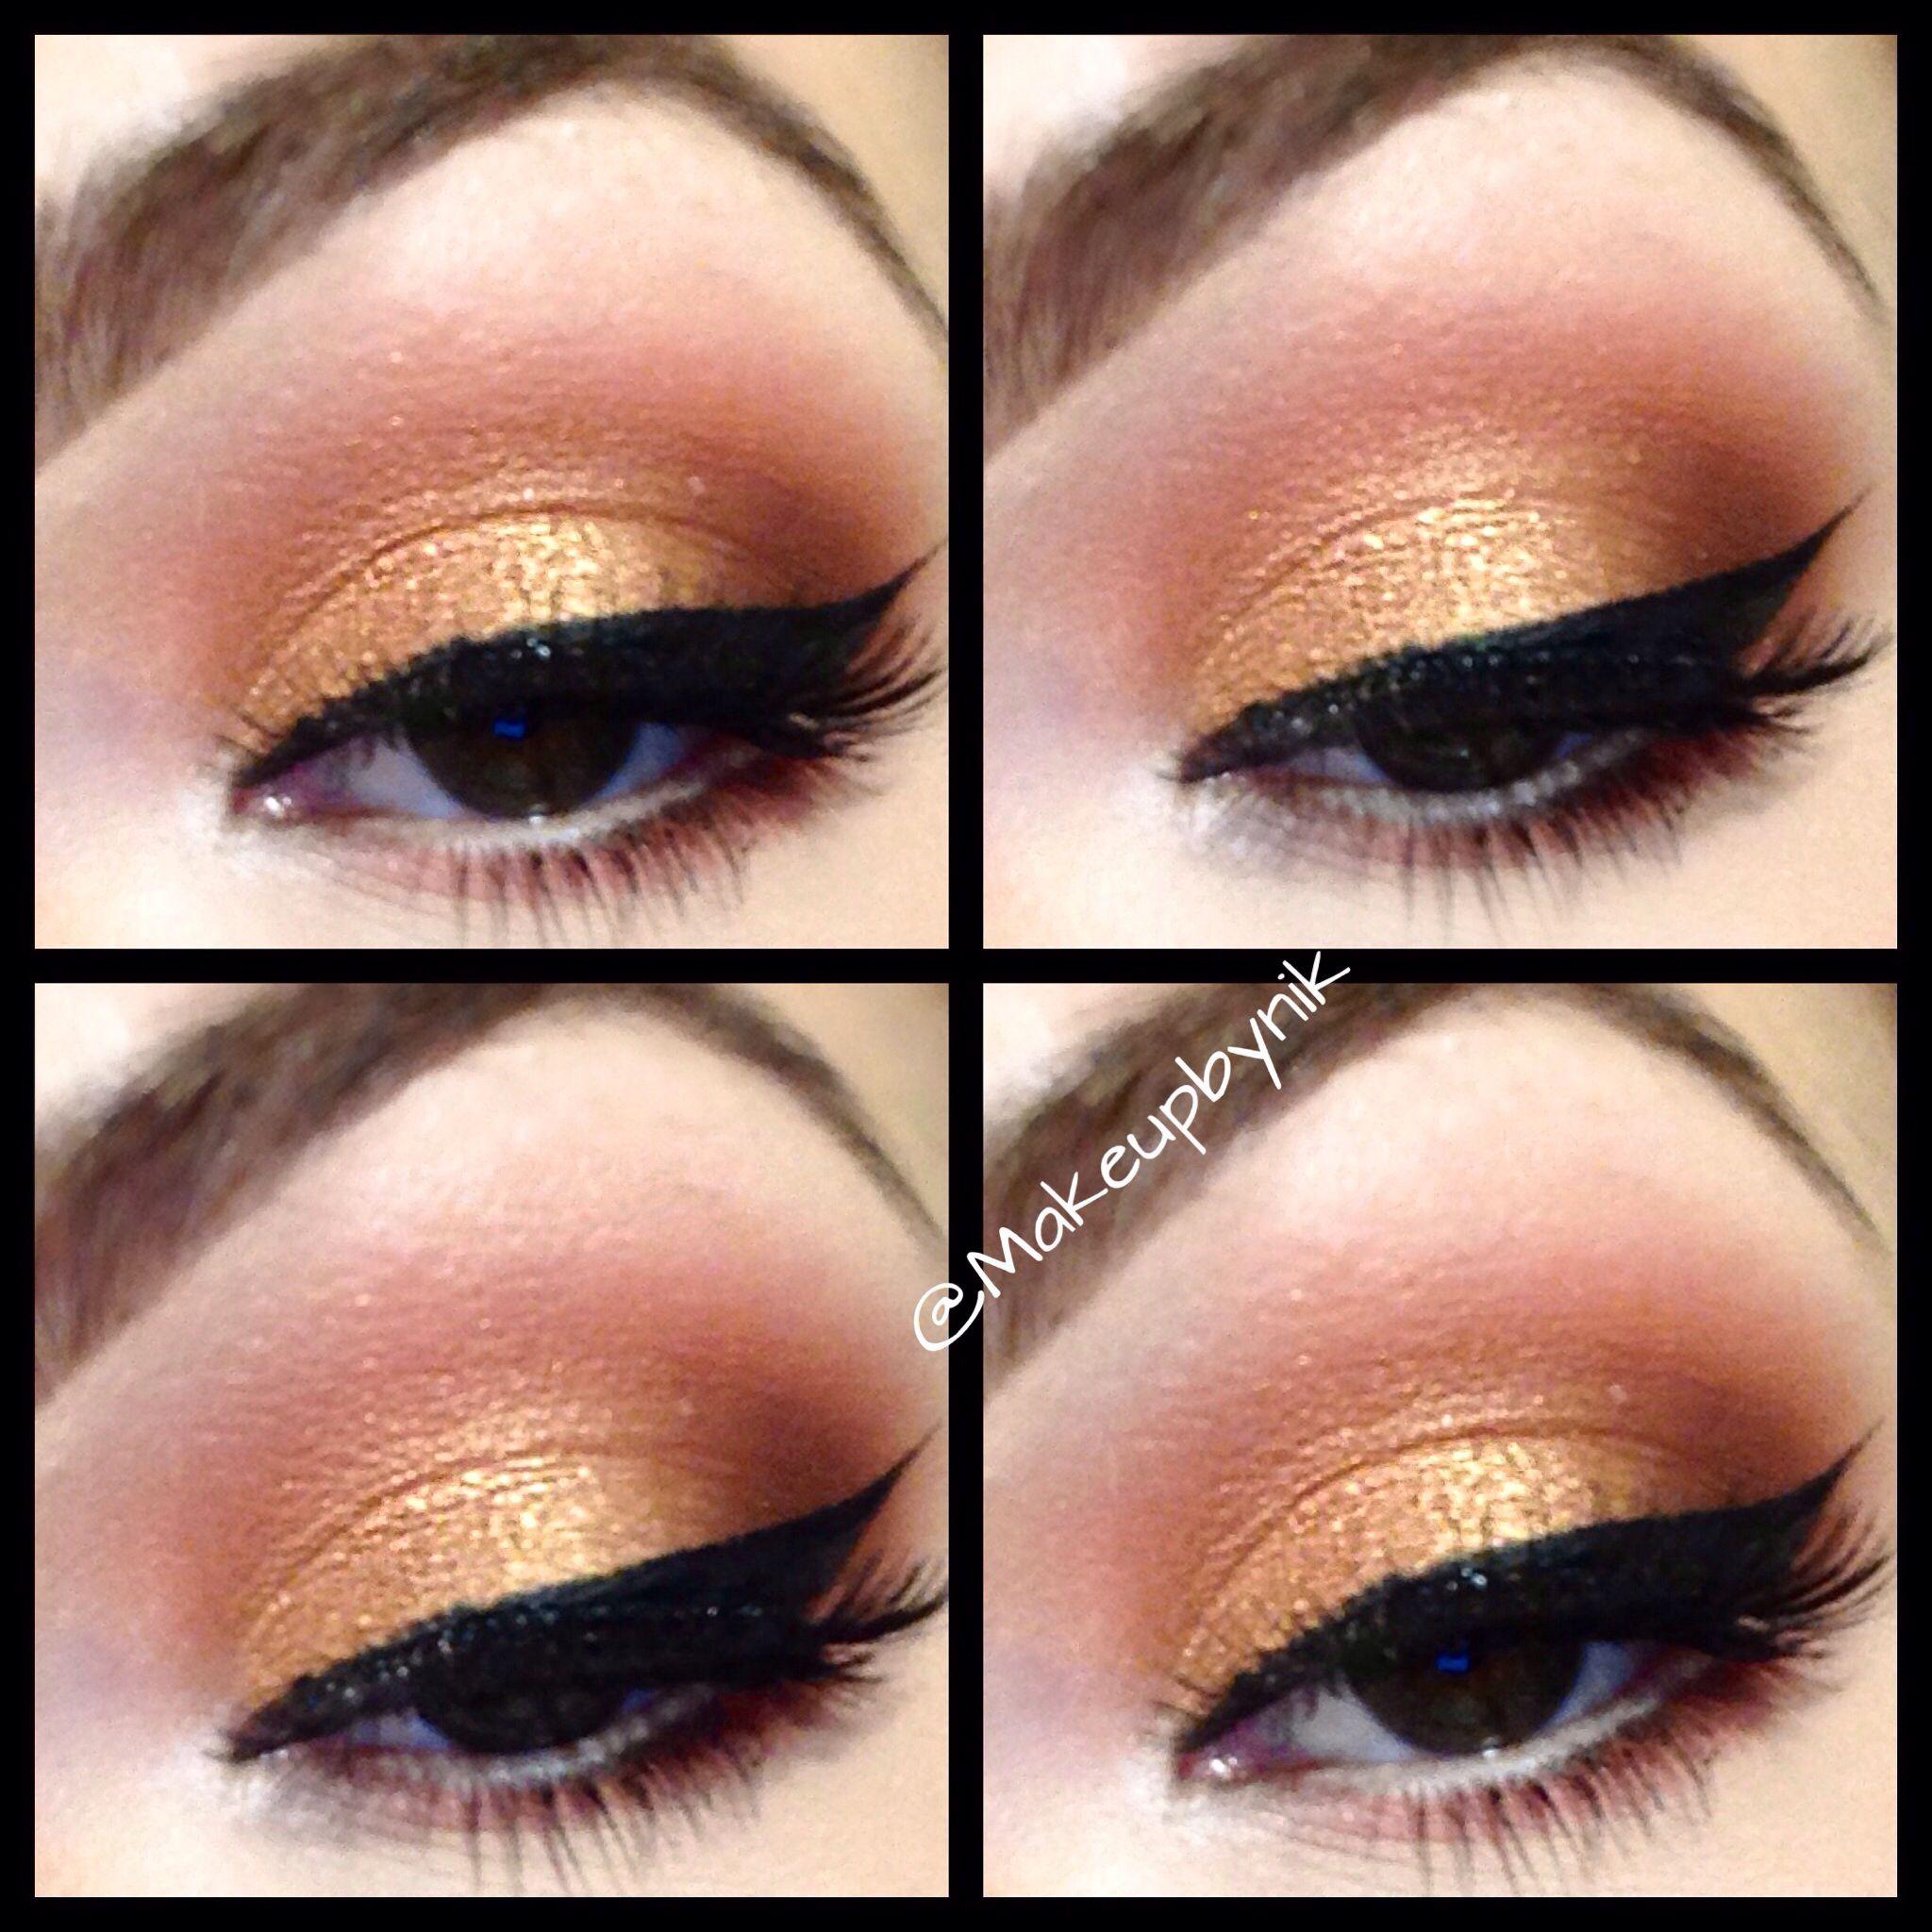 warm summer eye using all mac eyeshadows. lid• amber lights crease